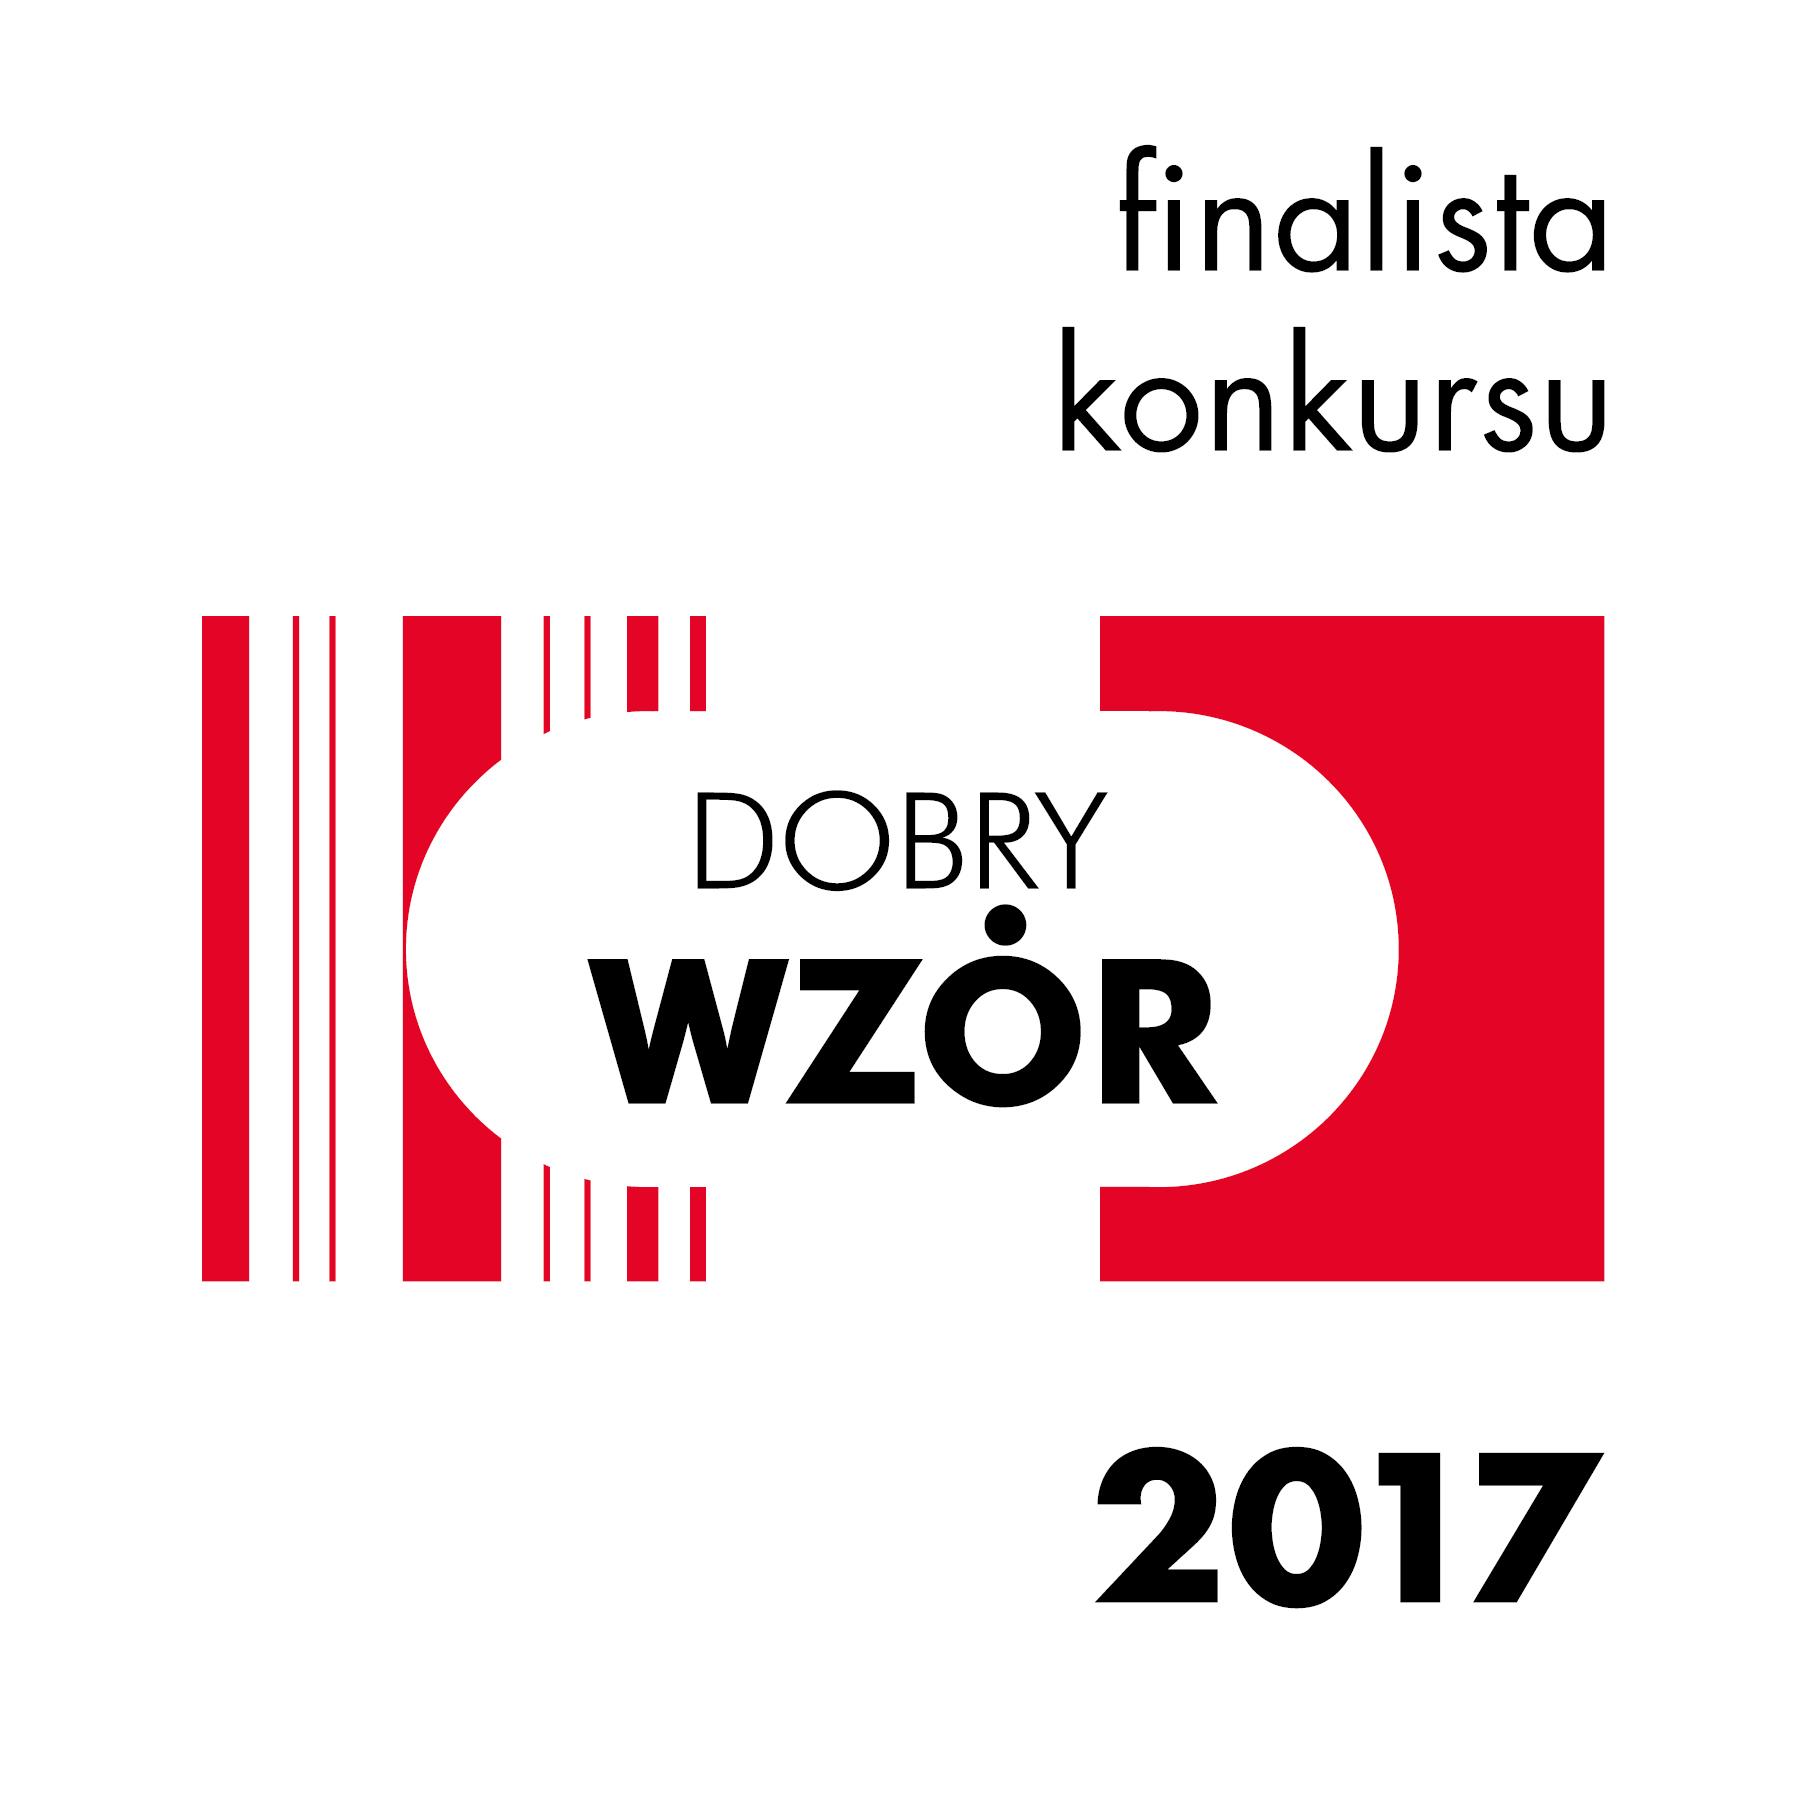 Finalista konkursu Dobry Wzór 2017